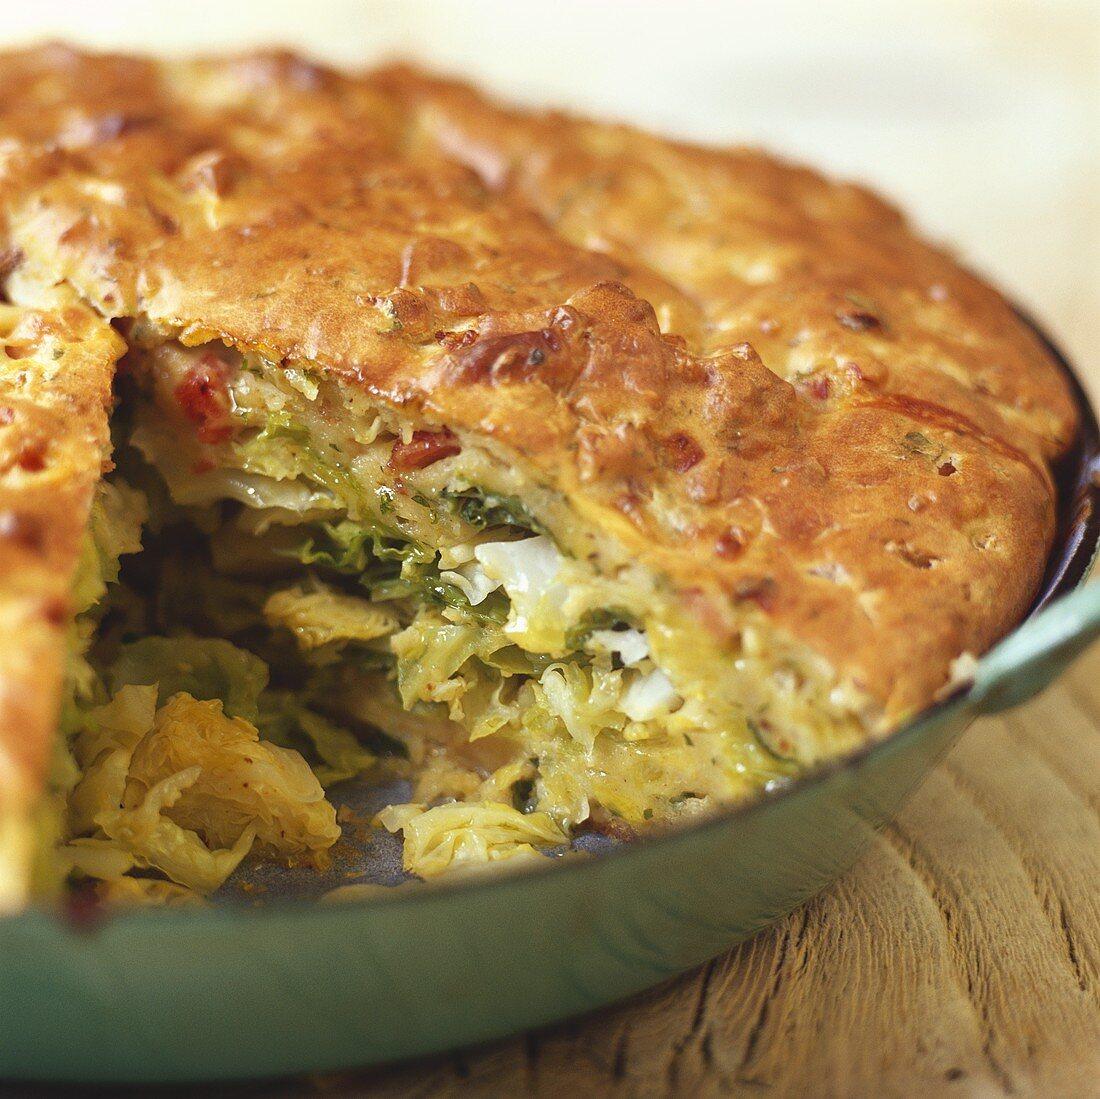 Spicy savoy cabbage pie